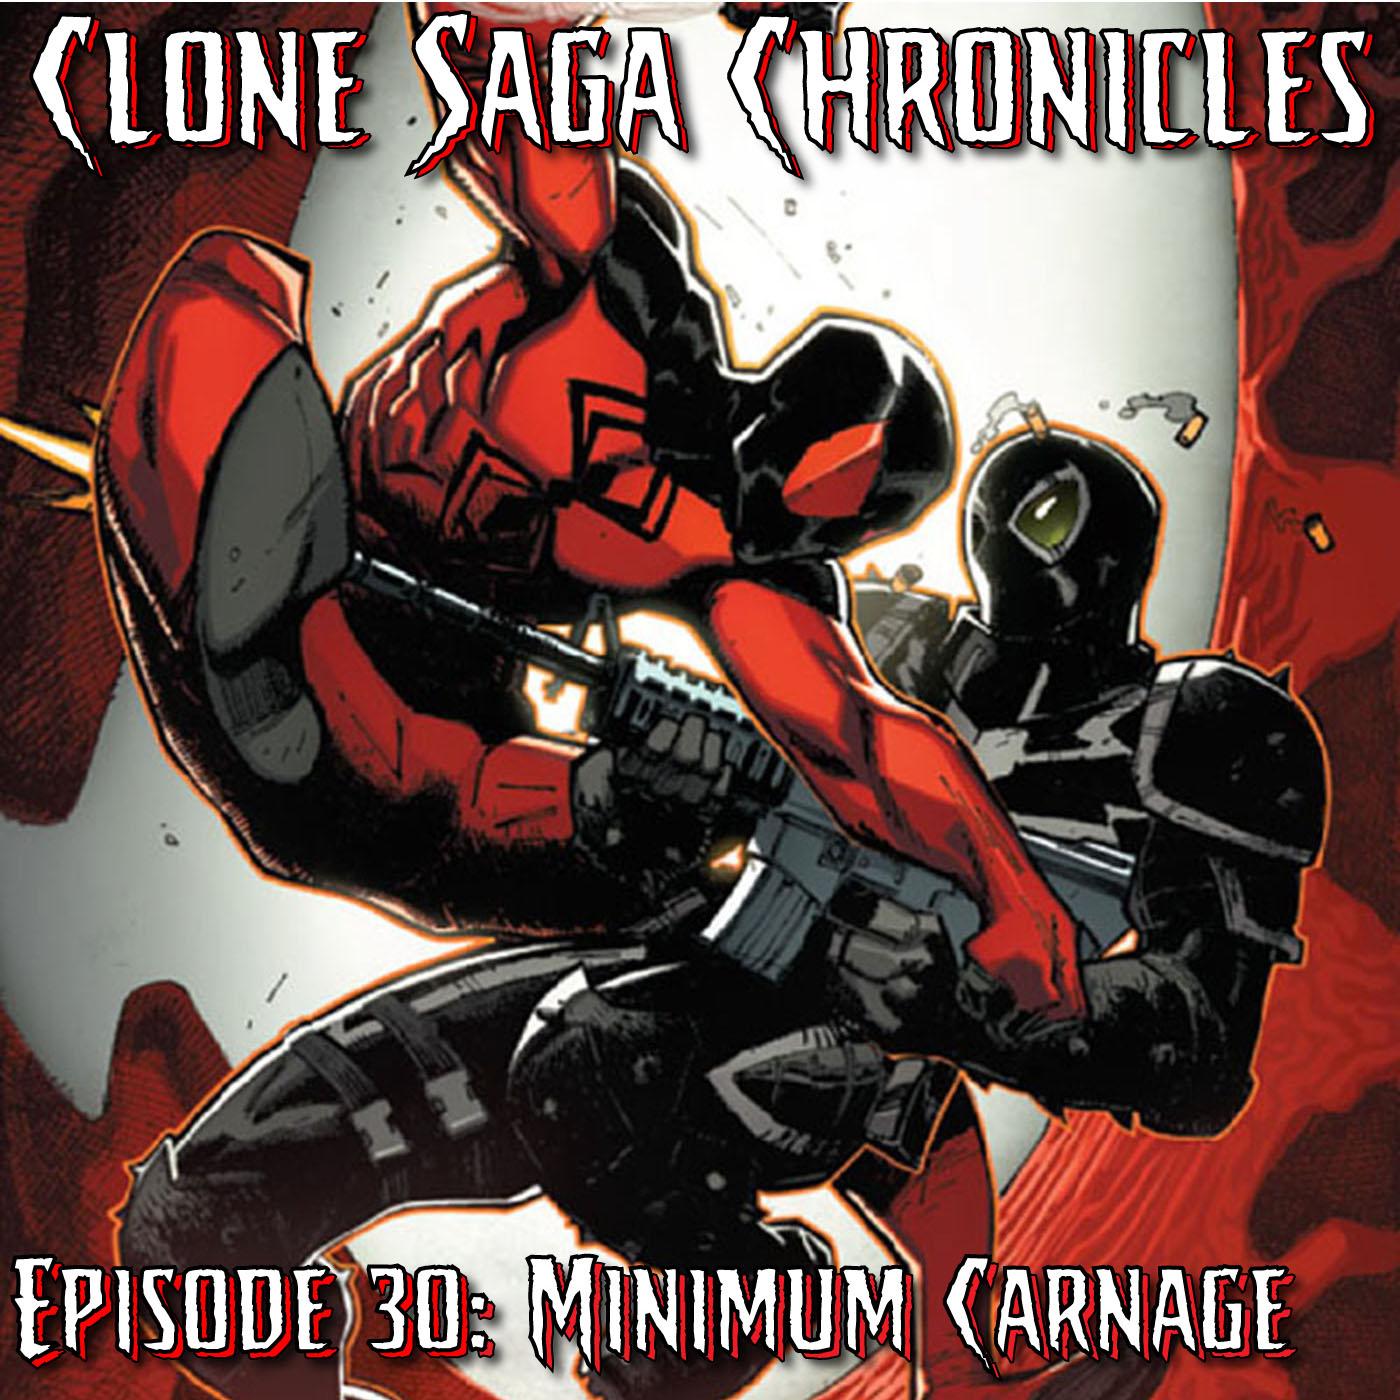 CSC Episode 30: Minimum Carnage (Dec12/Jan13)